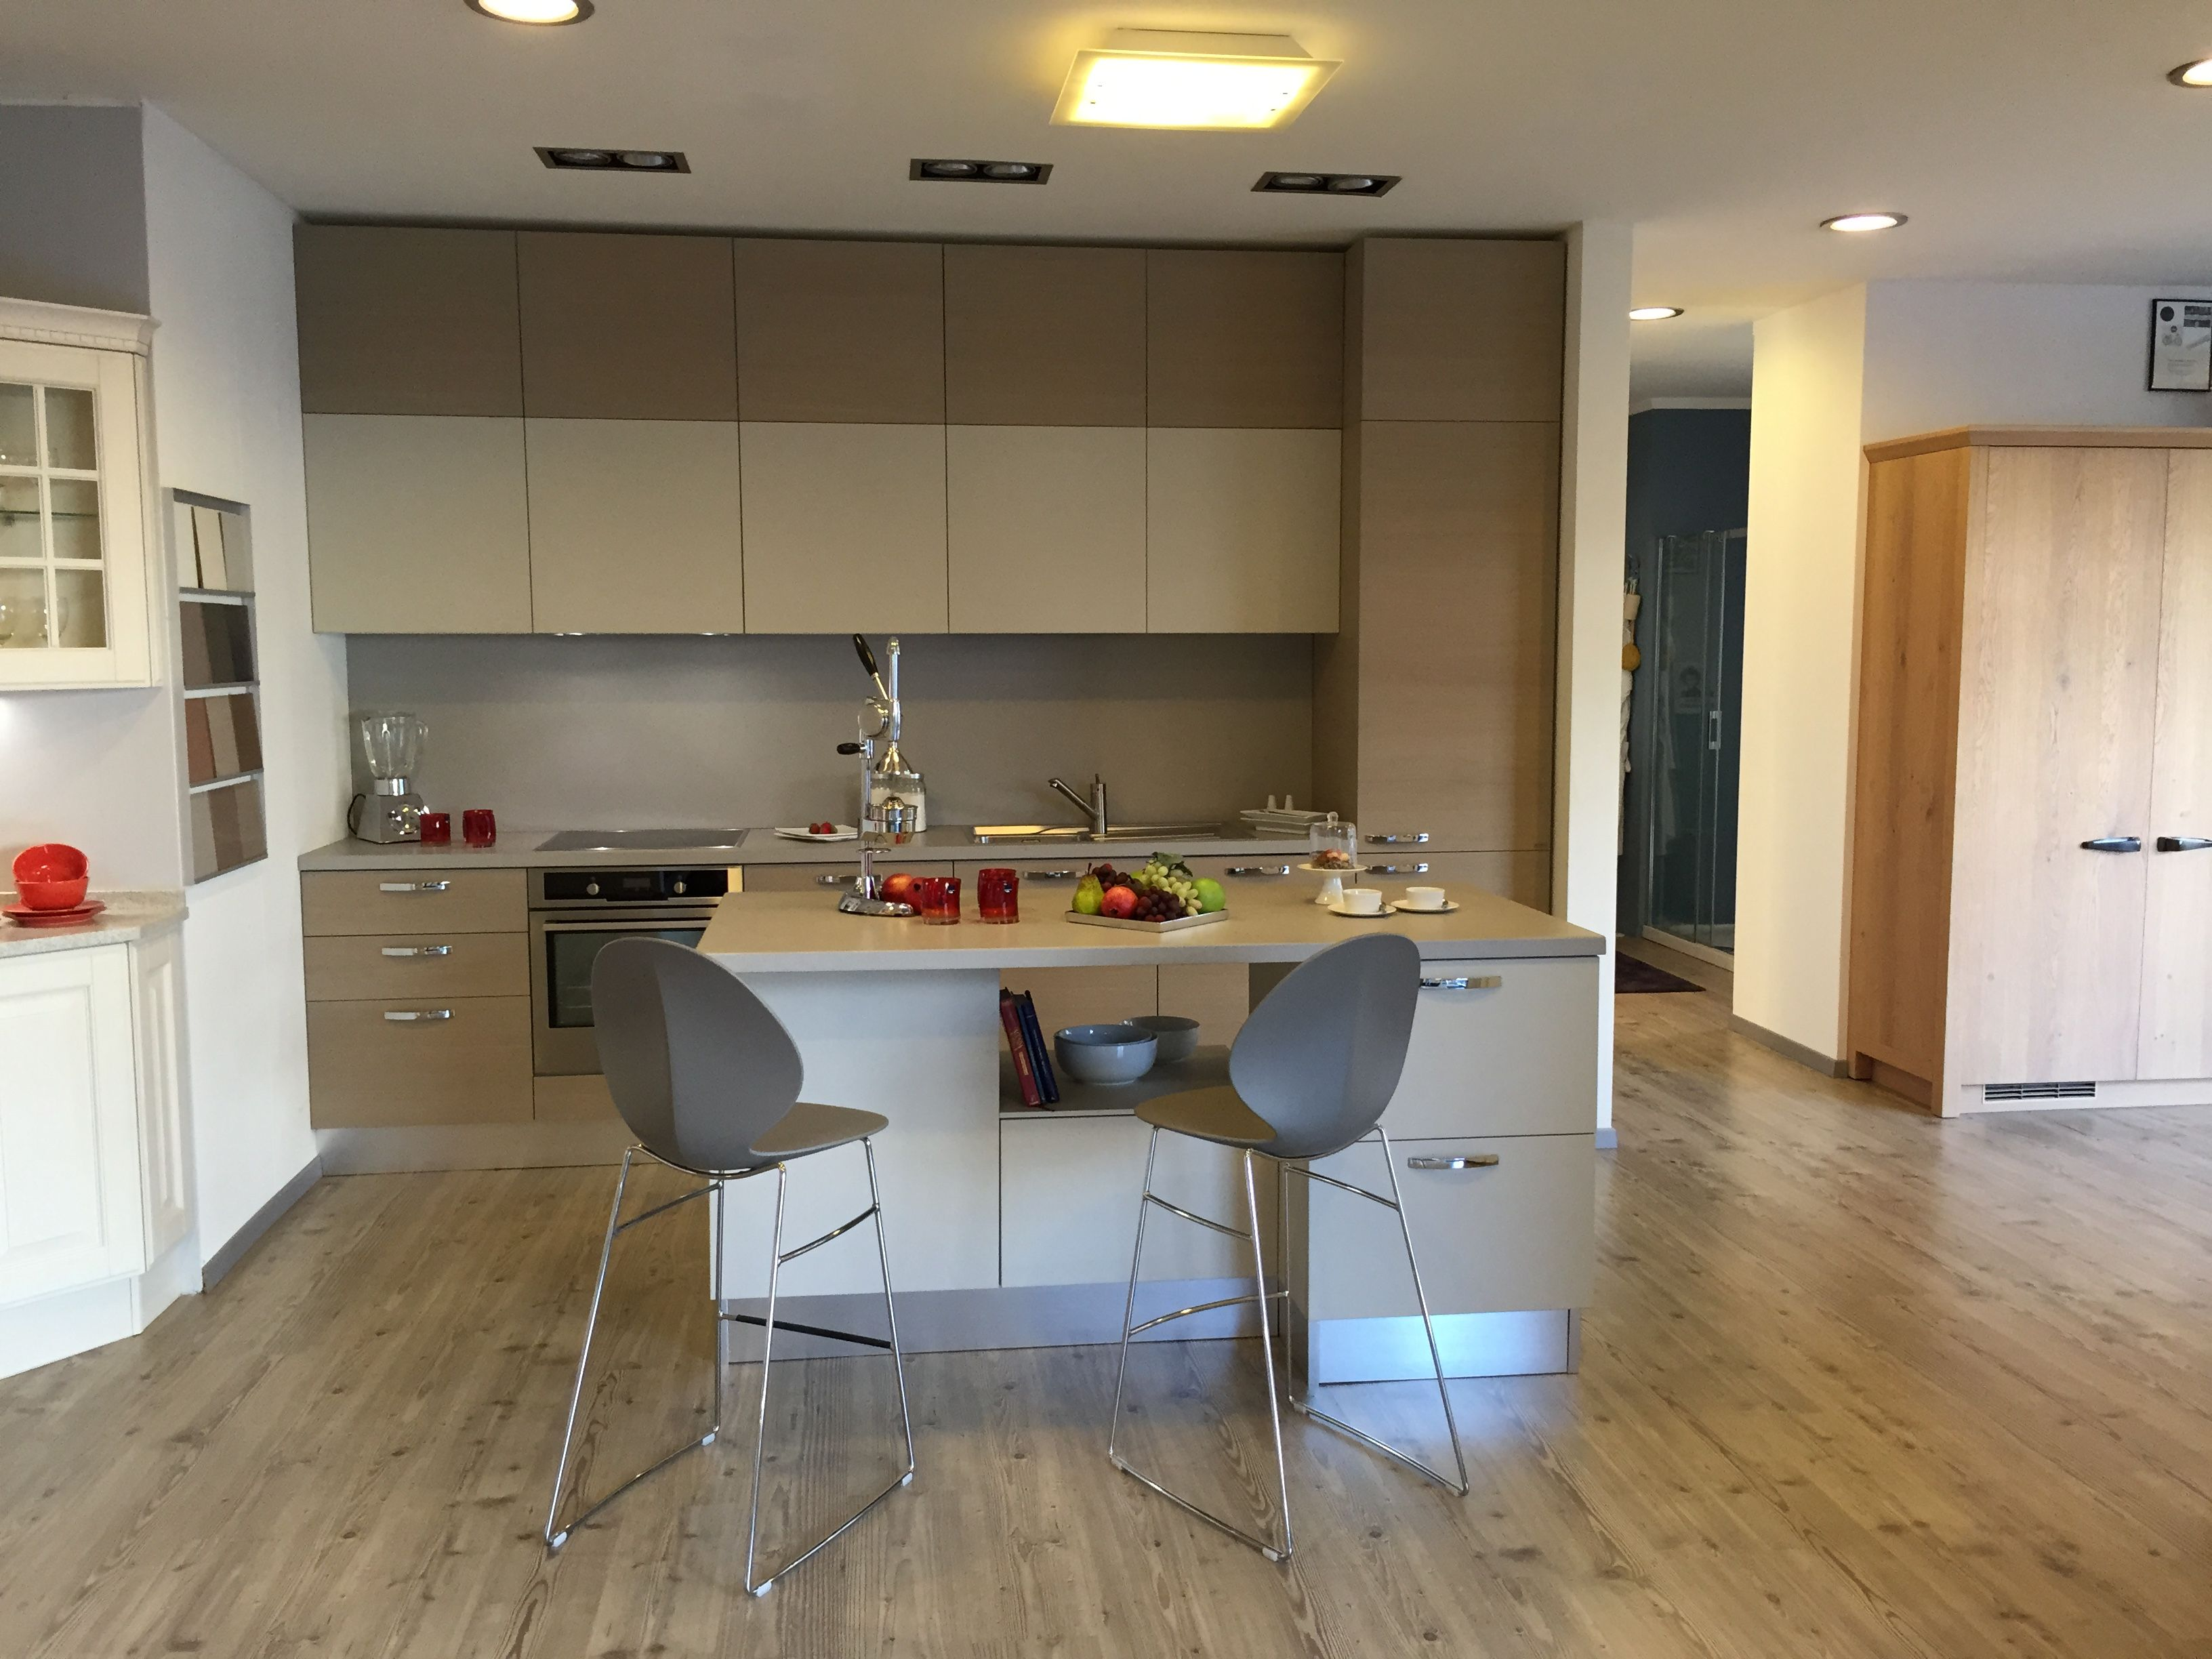 Cucina #Scavolini modello #Open: anta piana legno rovere Corylus e ...